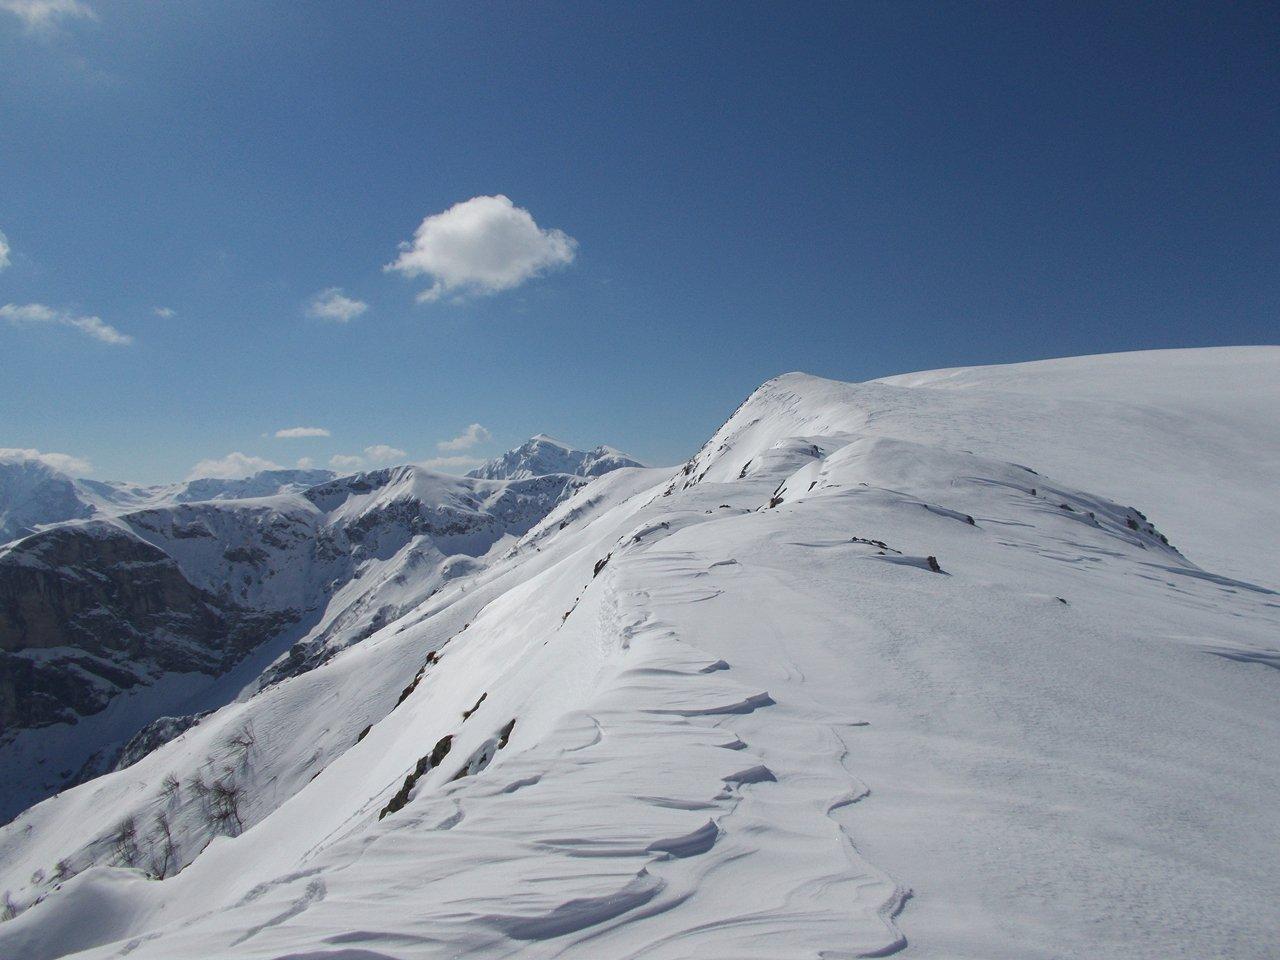 neve ventata sulla cresta di salita